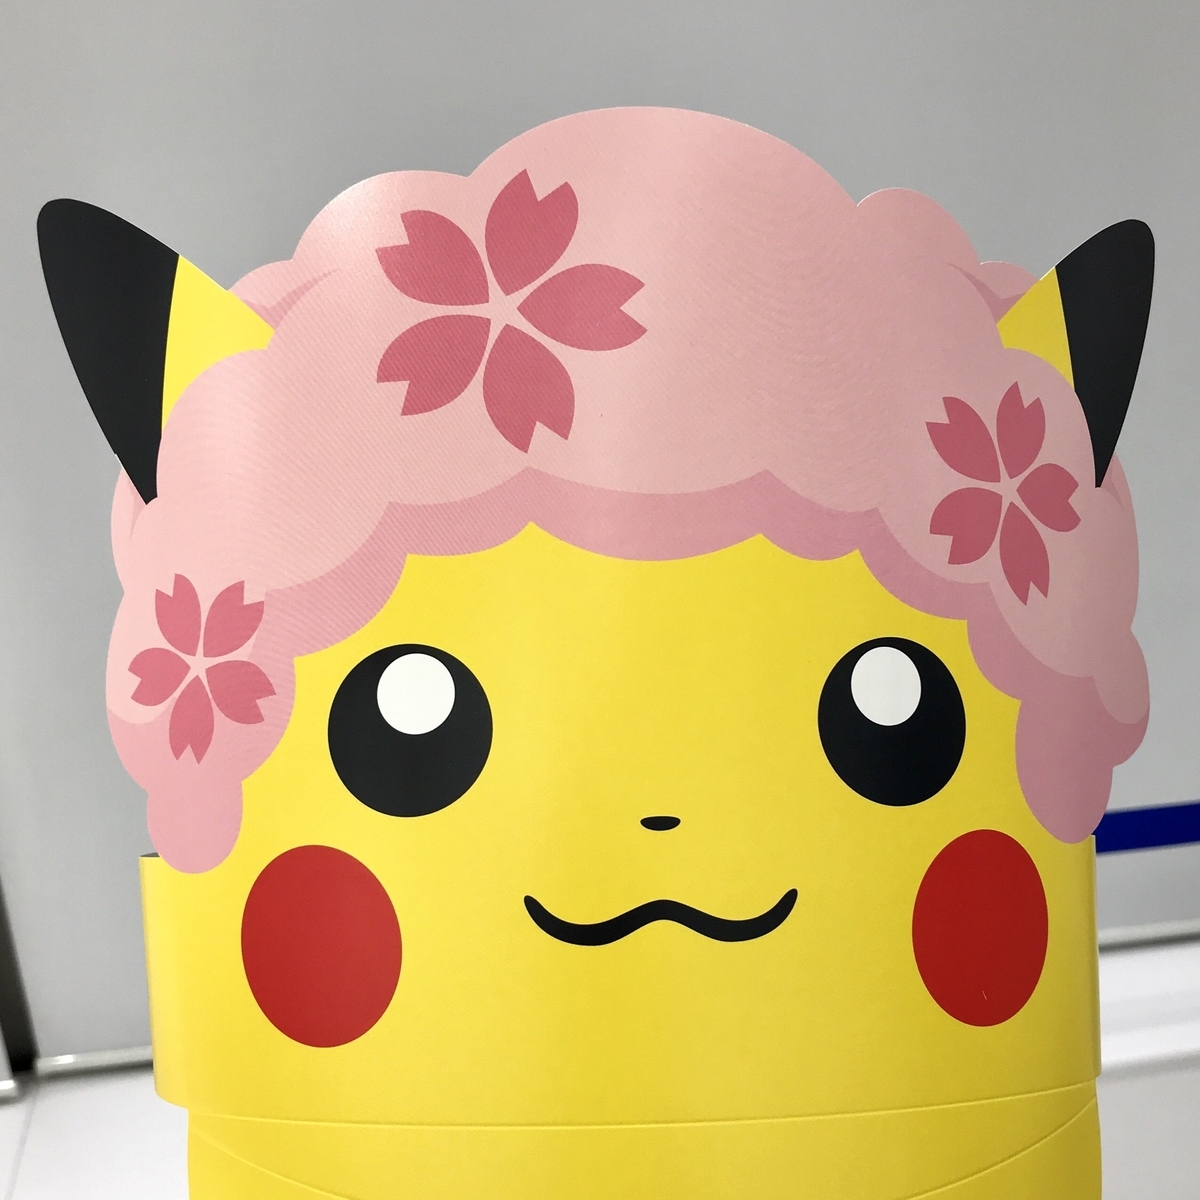 f:id:pikachu_pcn:20190317202634j:plain